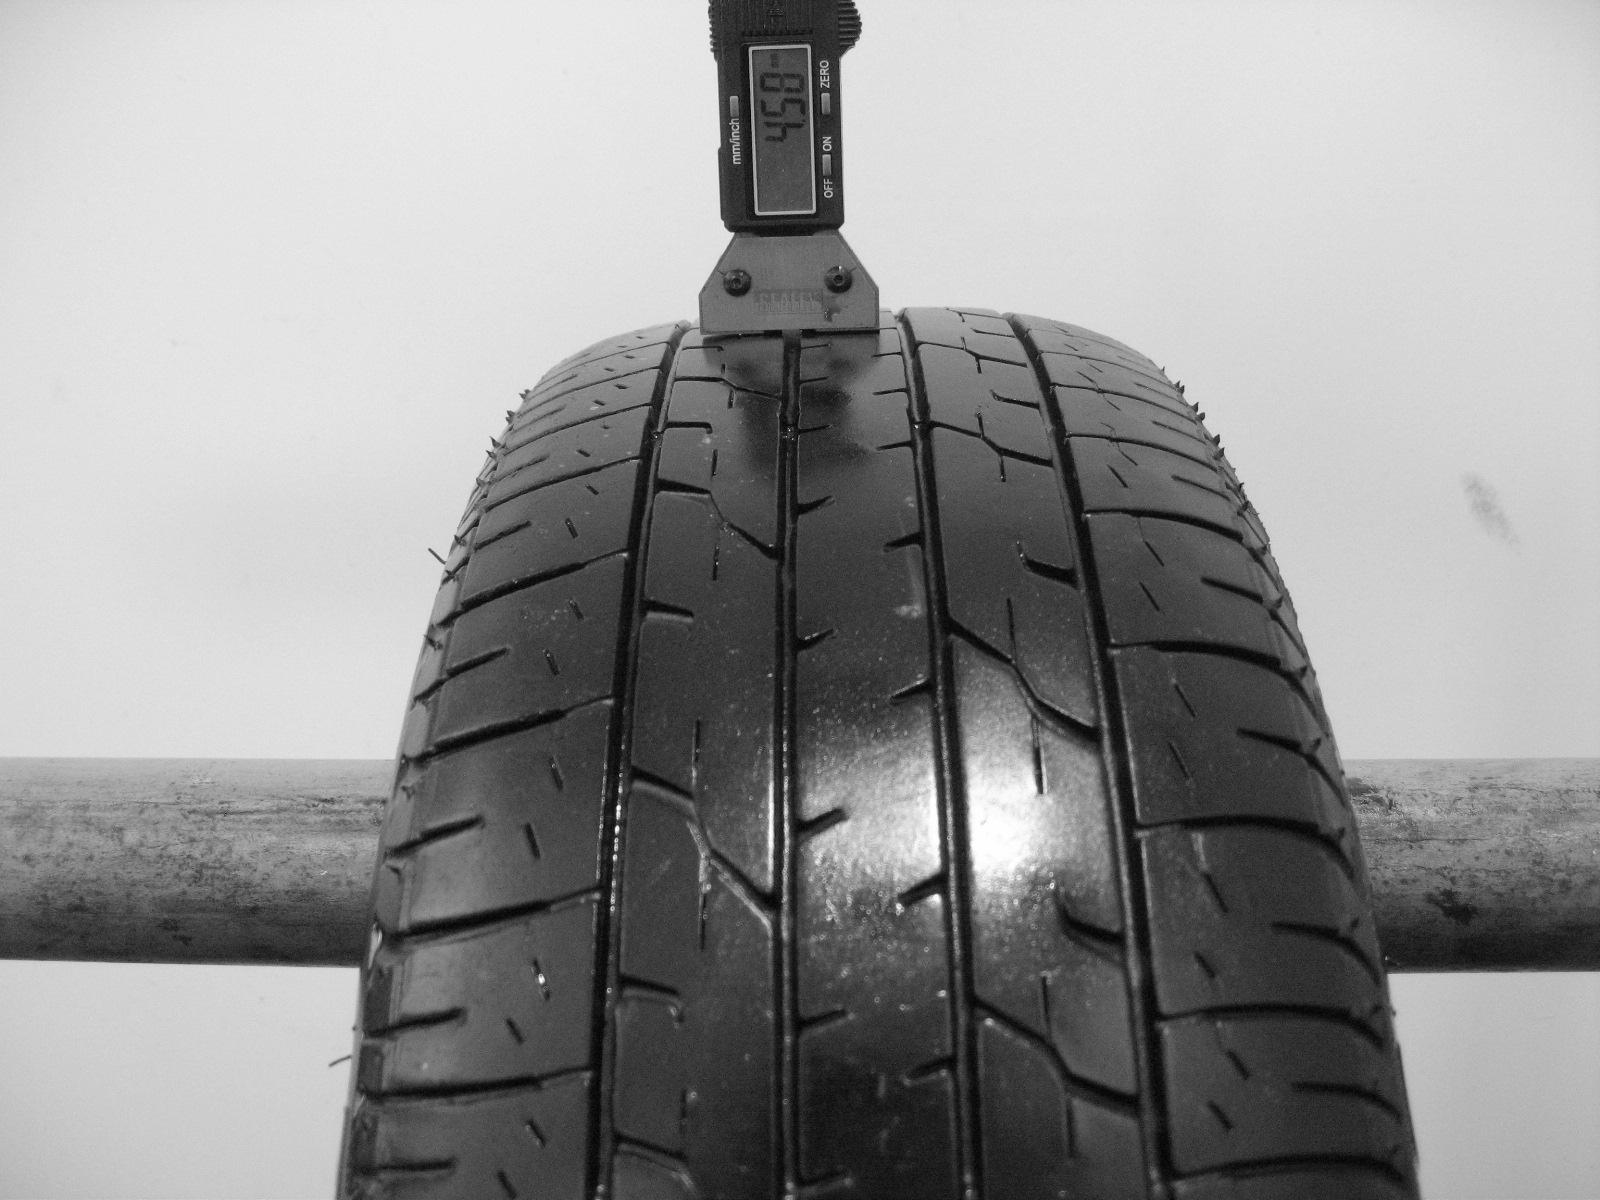 Použité-Pneu-Bazar - 195/65 R15 BRIDGESTONE B390 91T -kusovka-rezerva 3mm